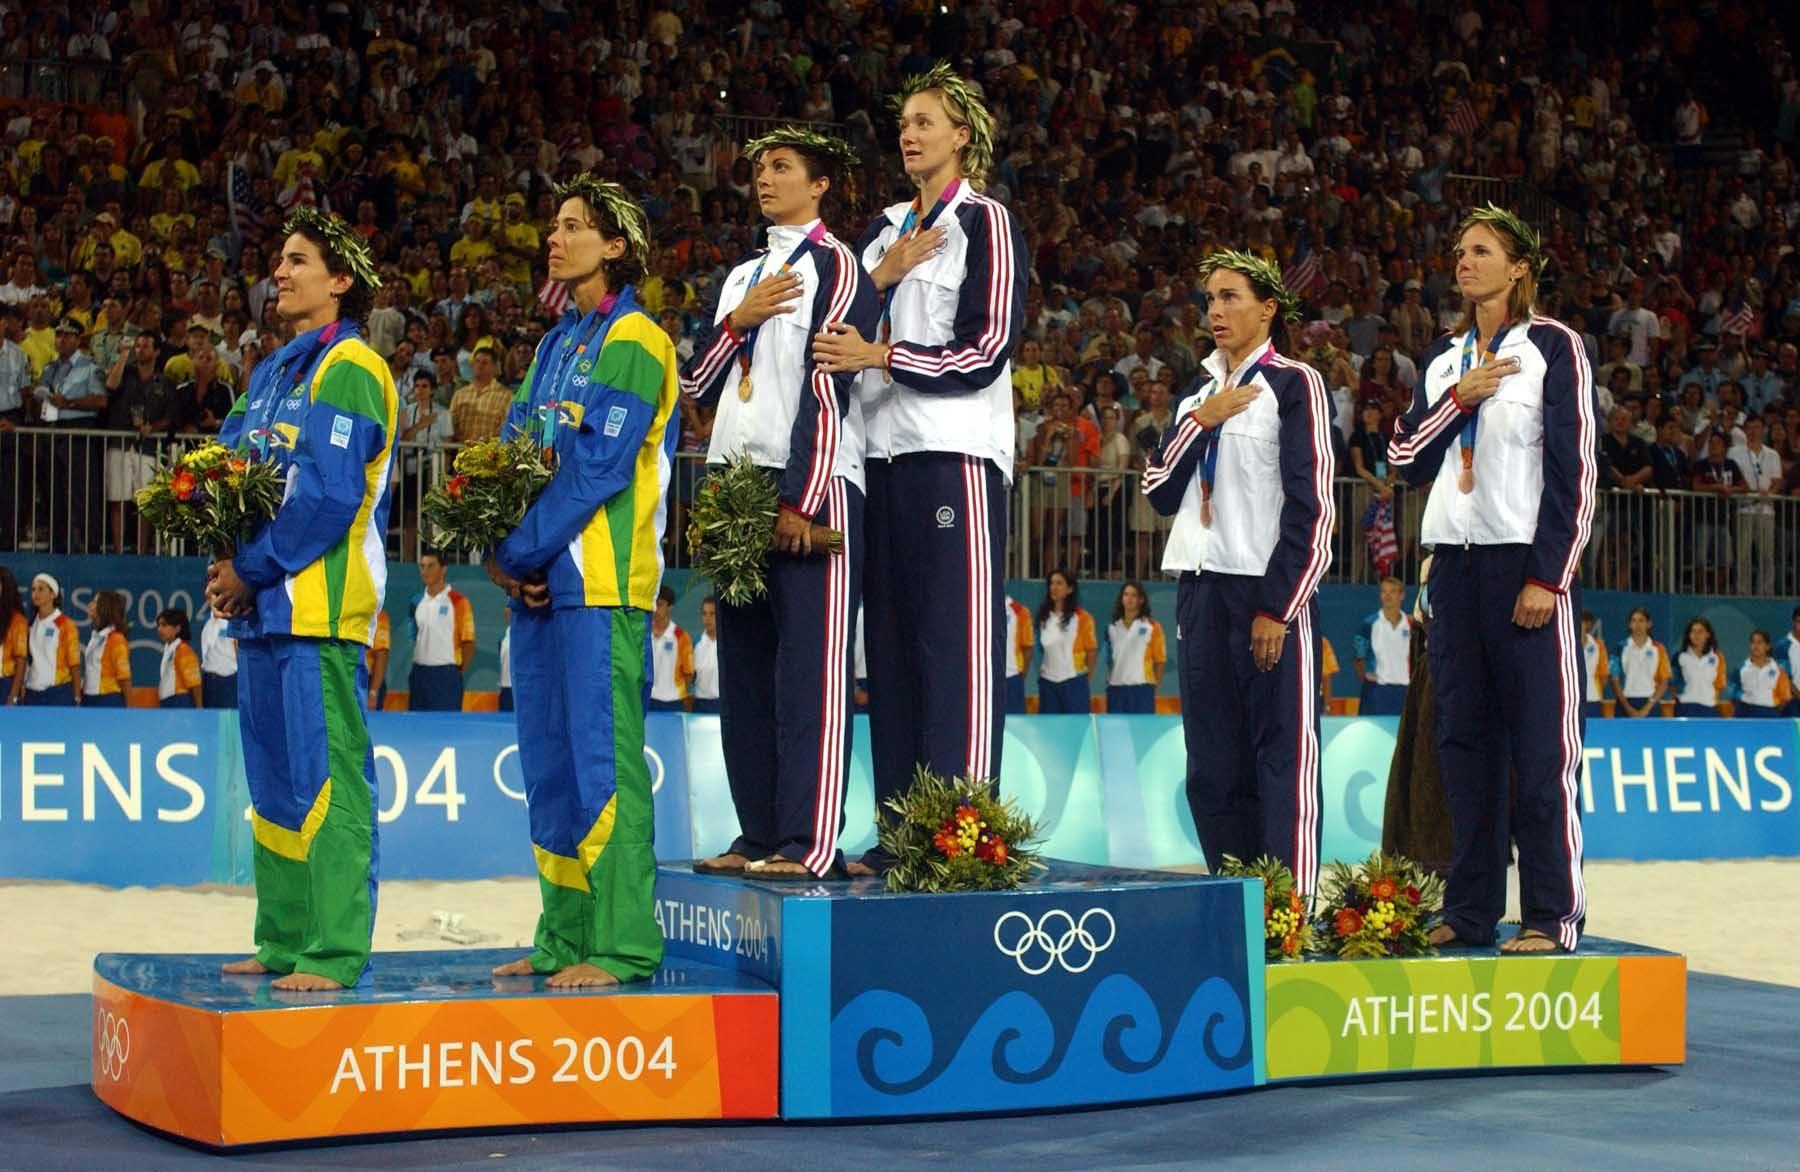 термобелье состоит победы за все летнии олимпийские игры идеально подходящем вам